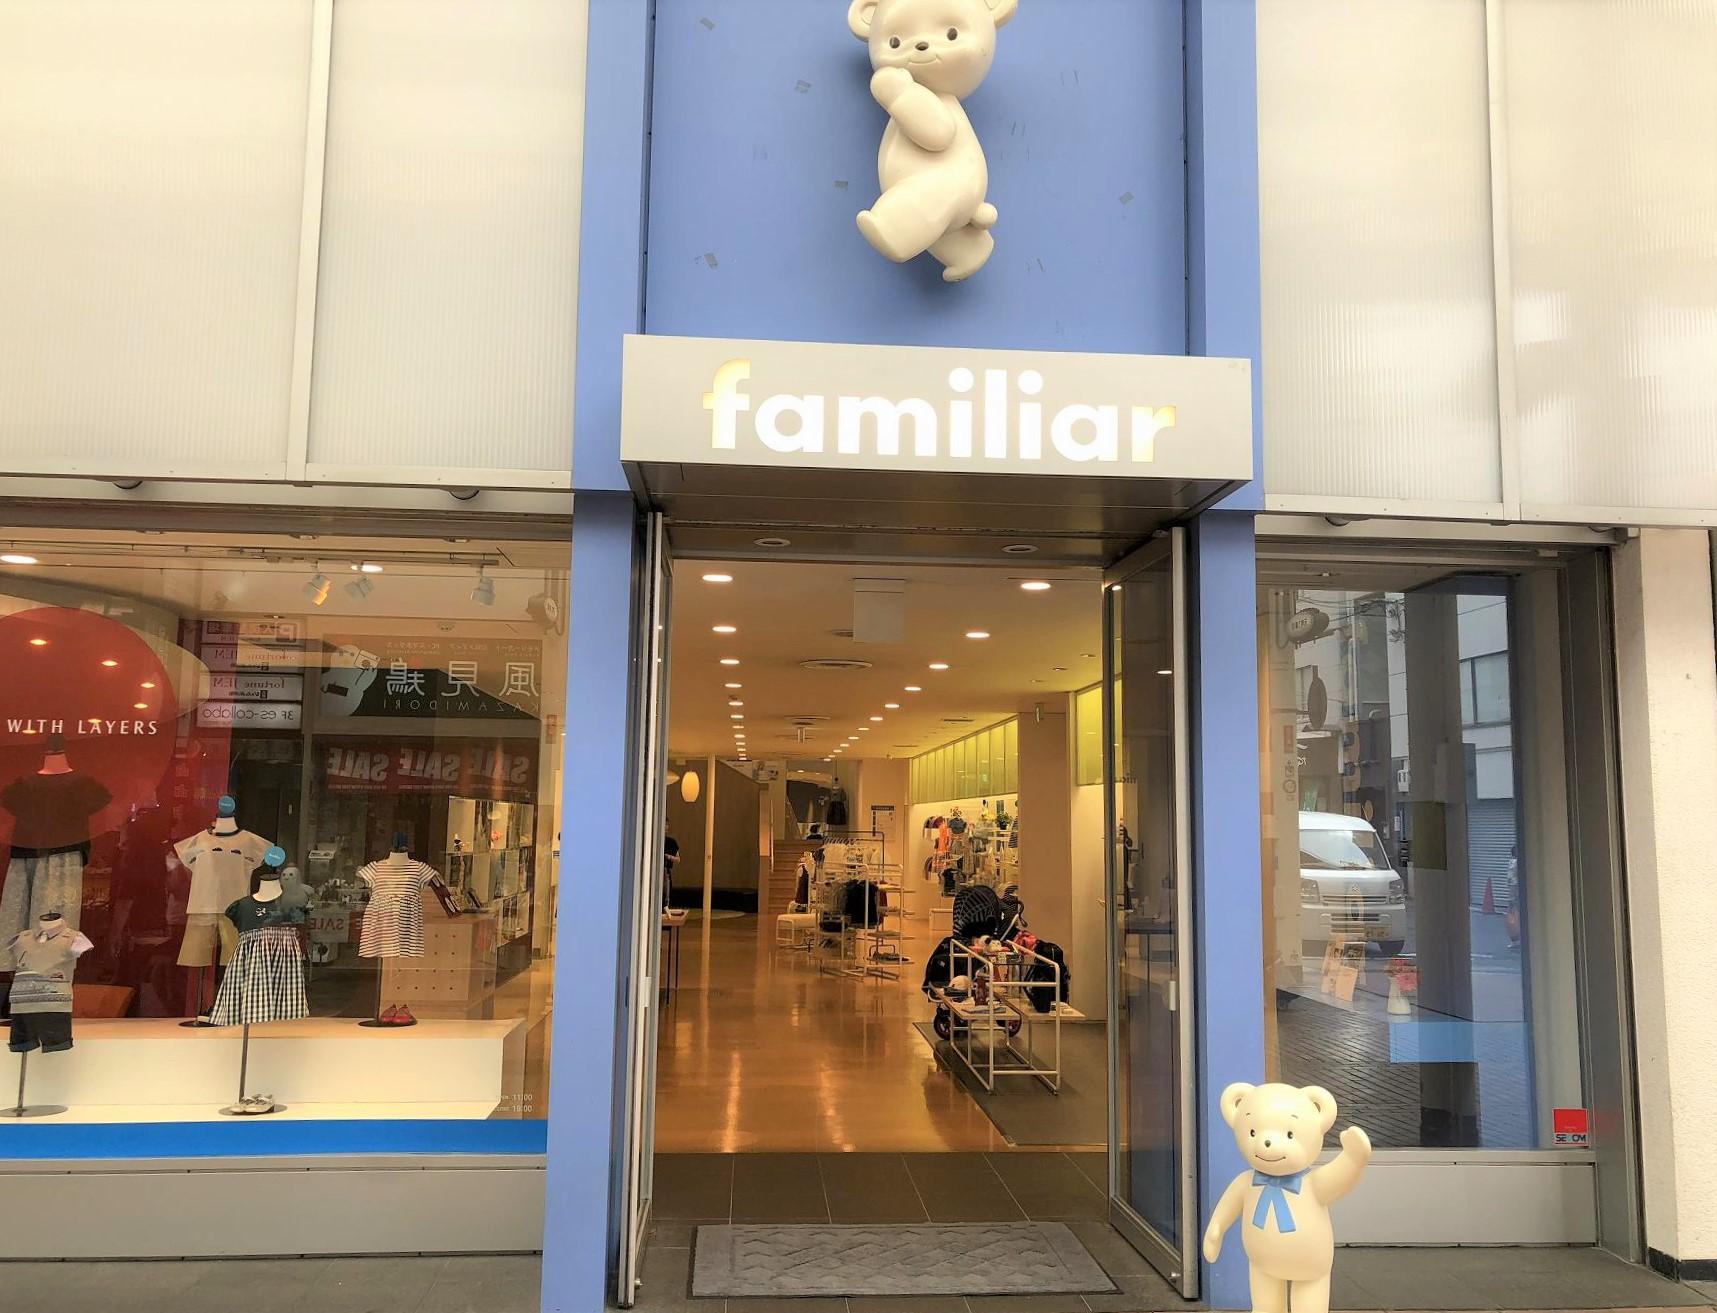 「ファミリア神戸本店」が旧居留地に移転、9月2日(日)オープンの前に、移転先を見てきた! #ファミリア #familiar #ファミリア移転 #神戸ルール #べっぴんさん #移転オープン